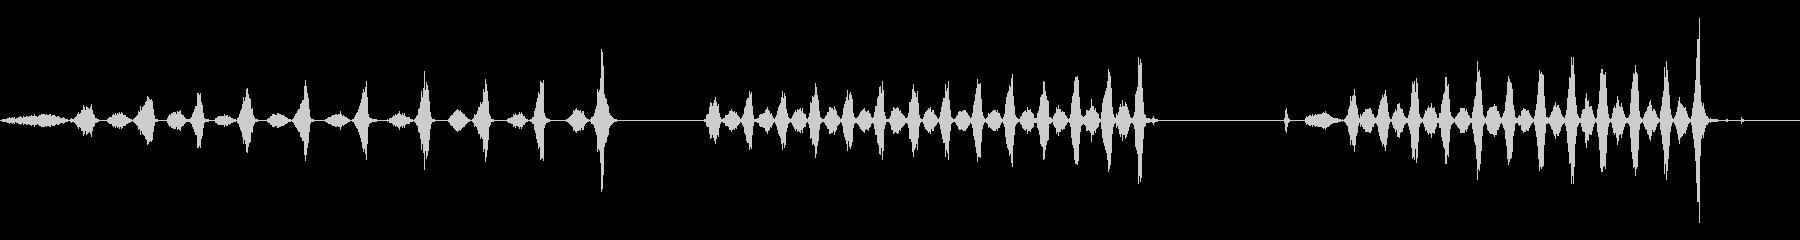 フレットソー、ウッド、ツール、3バ...の未再生の波形